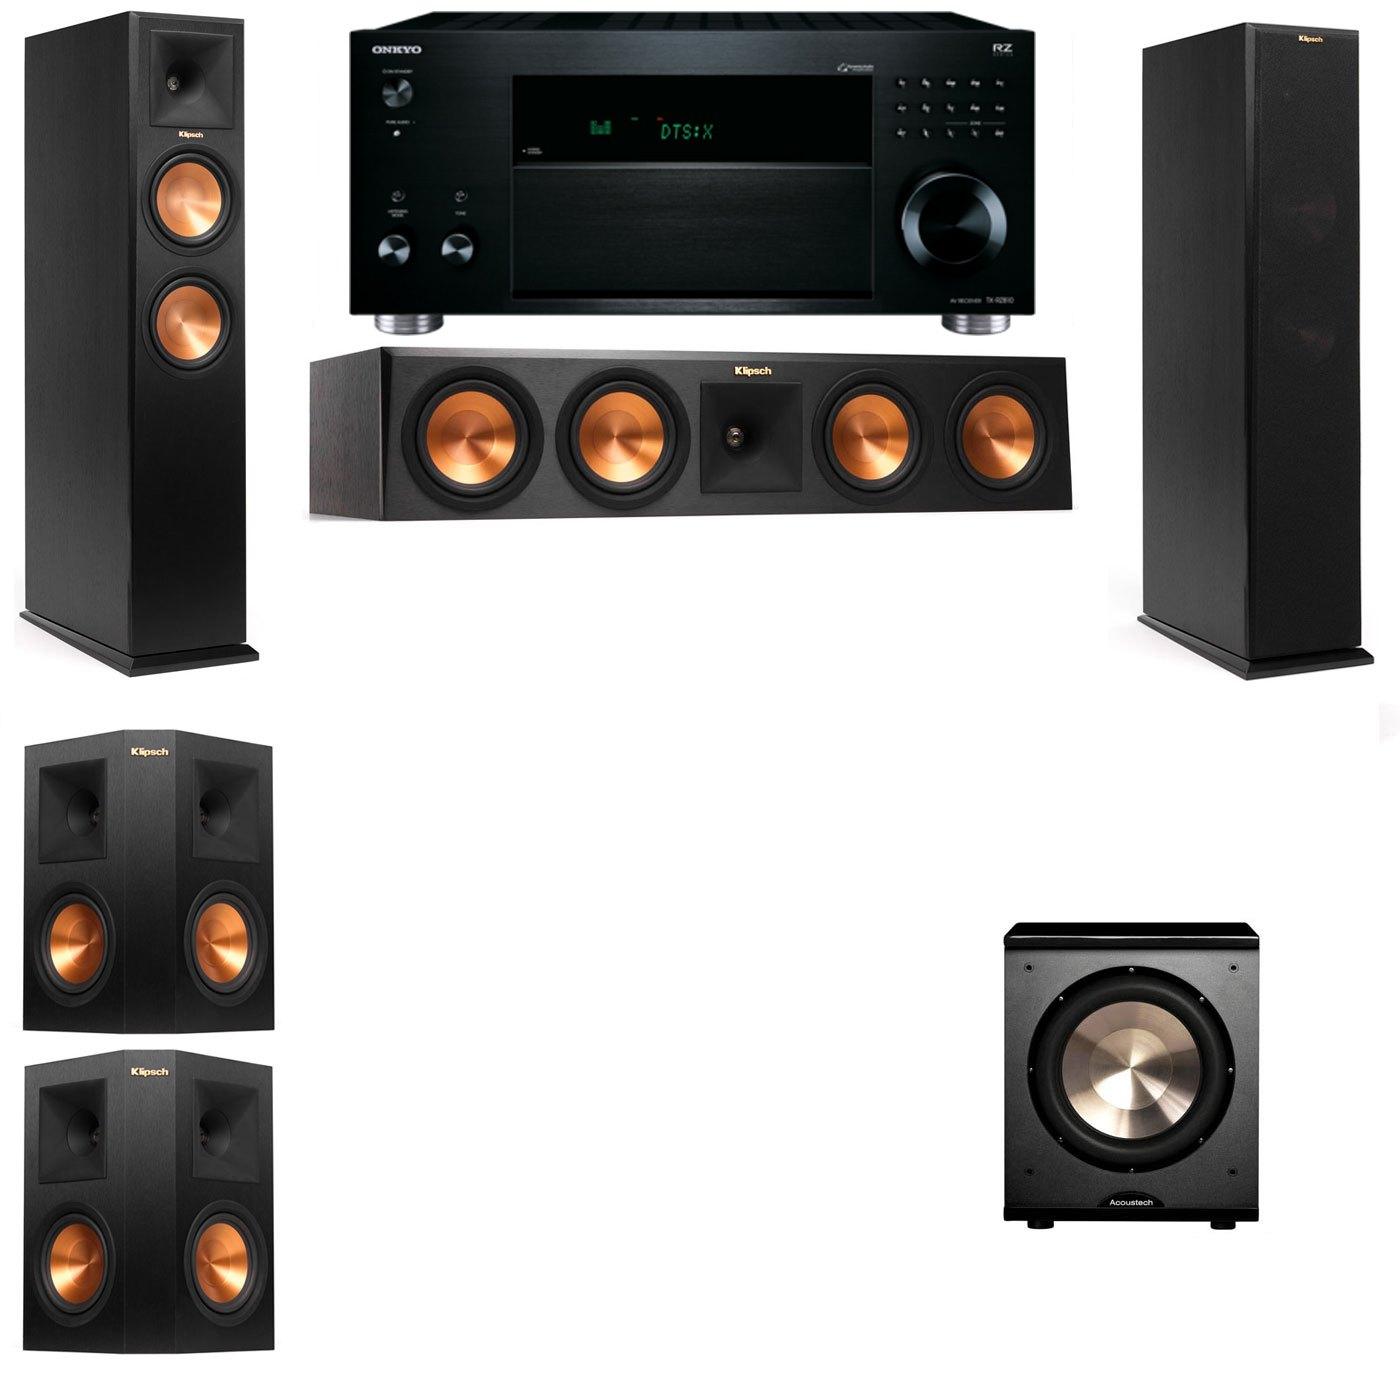 Klipsch RP-260F Tower Speakers-PL-200-5.1-Onkyo TX-RZ810